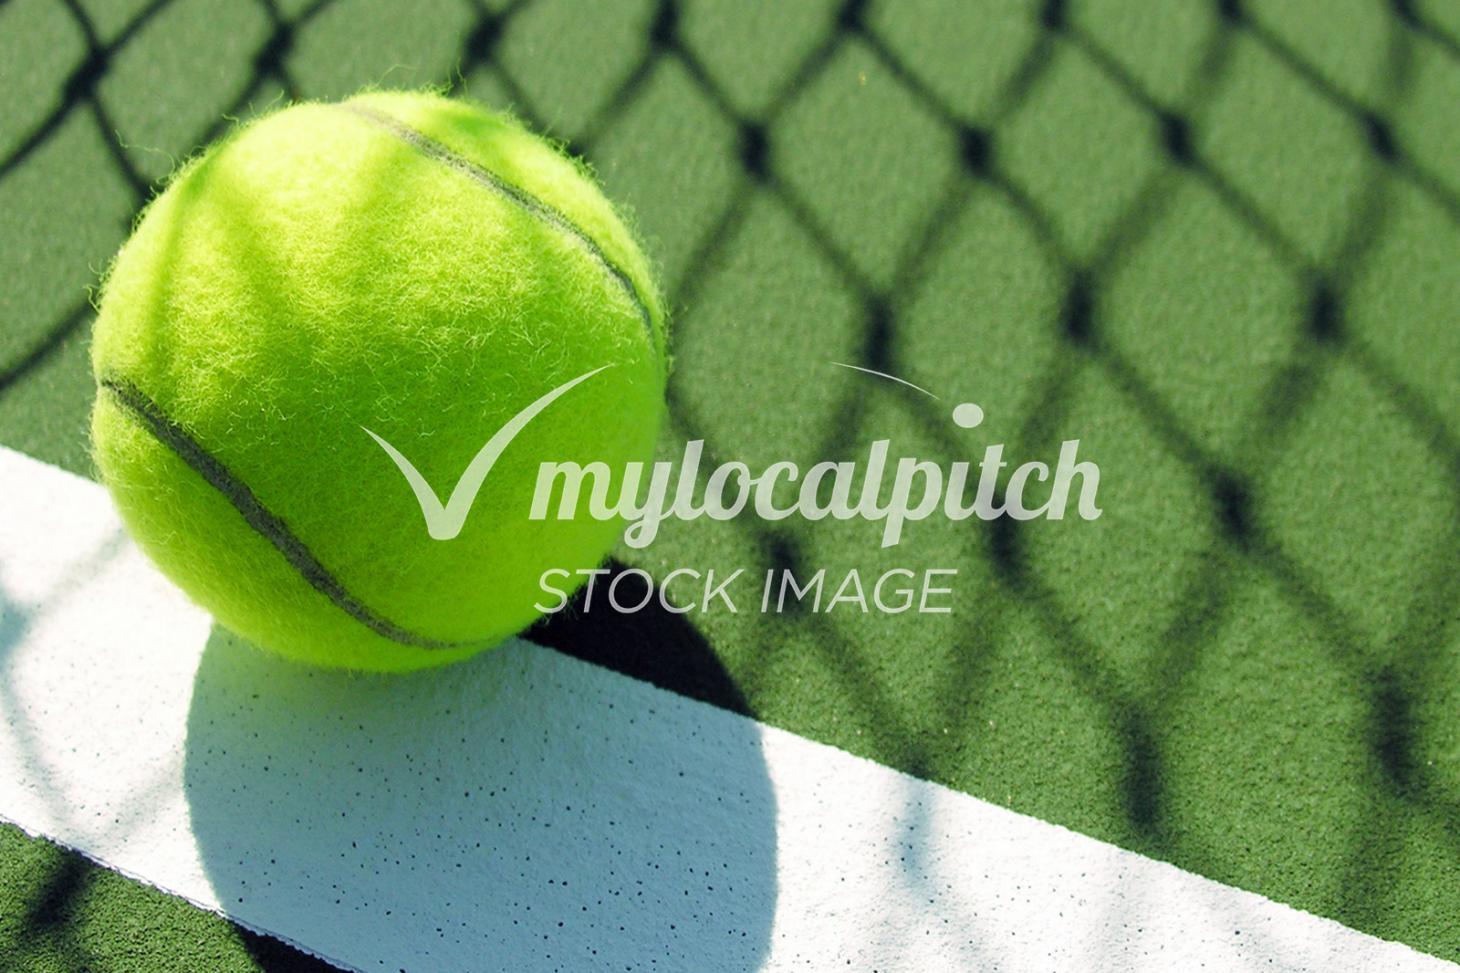 Bounds Green Recreation Club Outdoor | Hard (macadam) tennis court